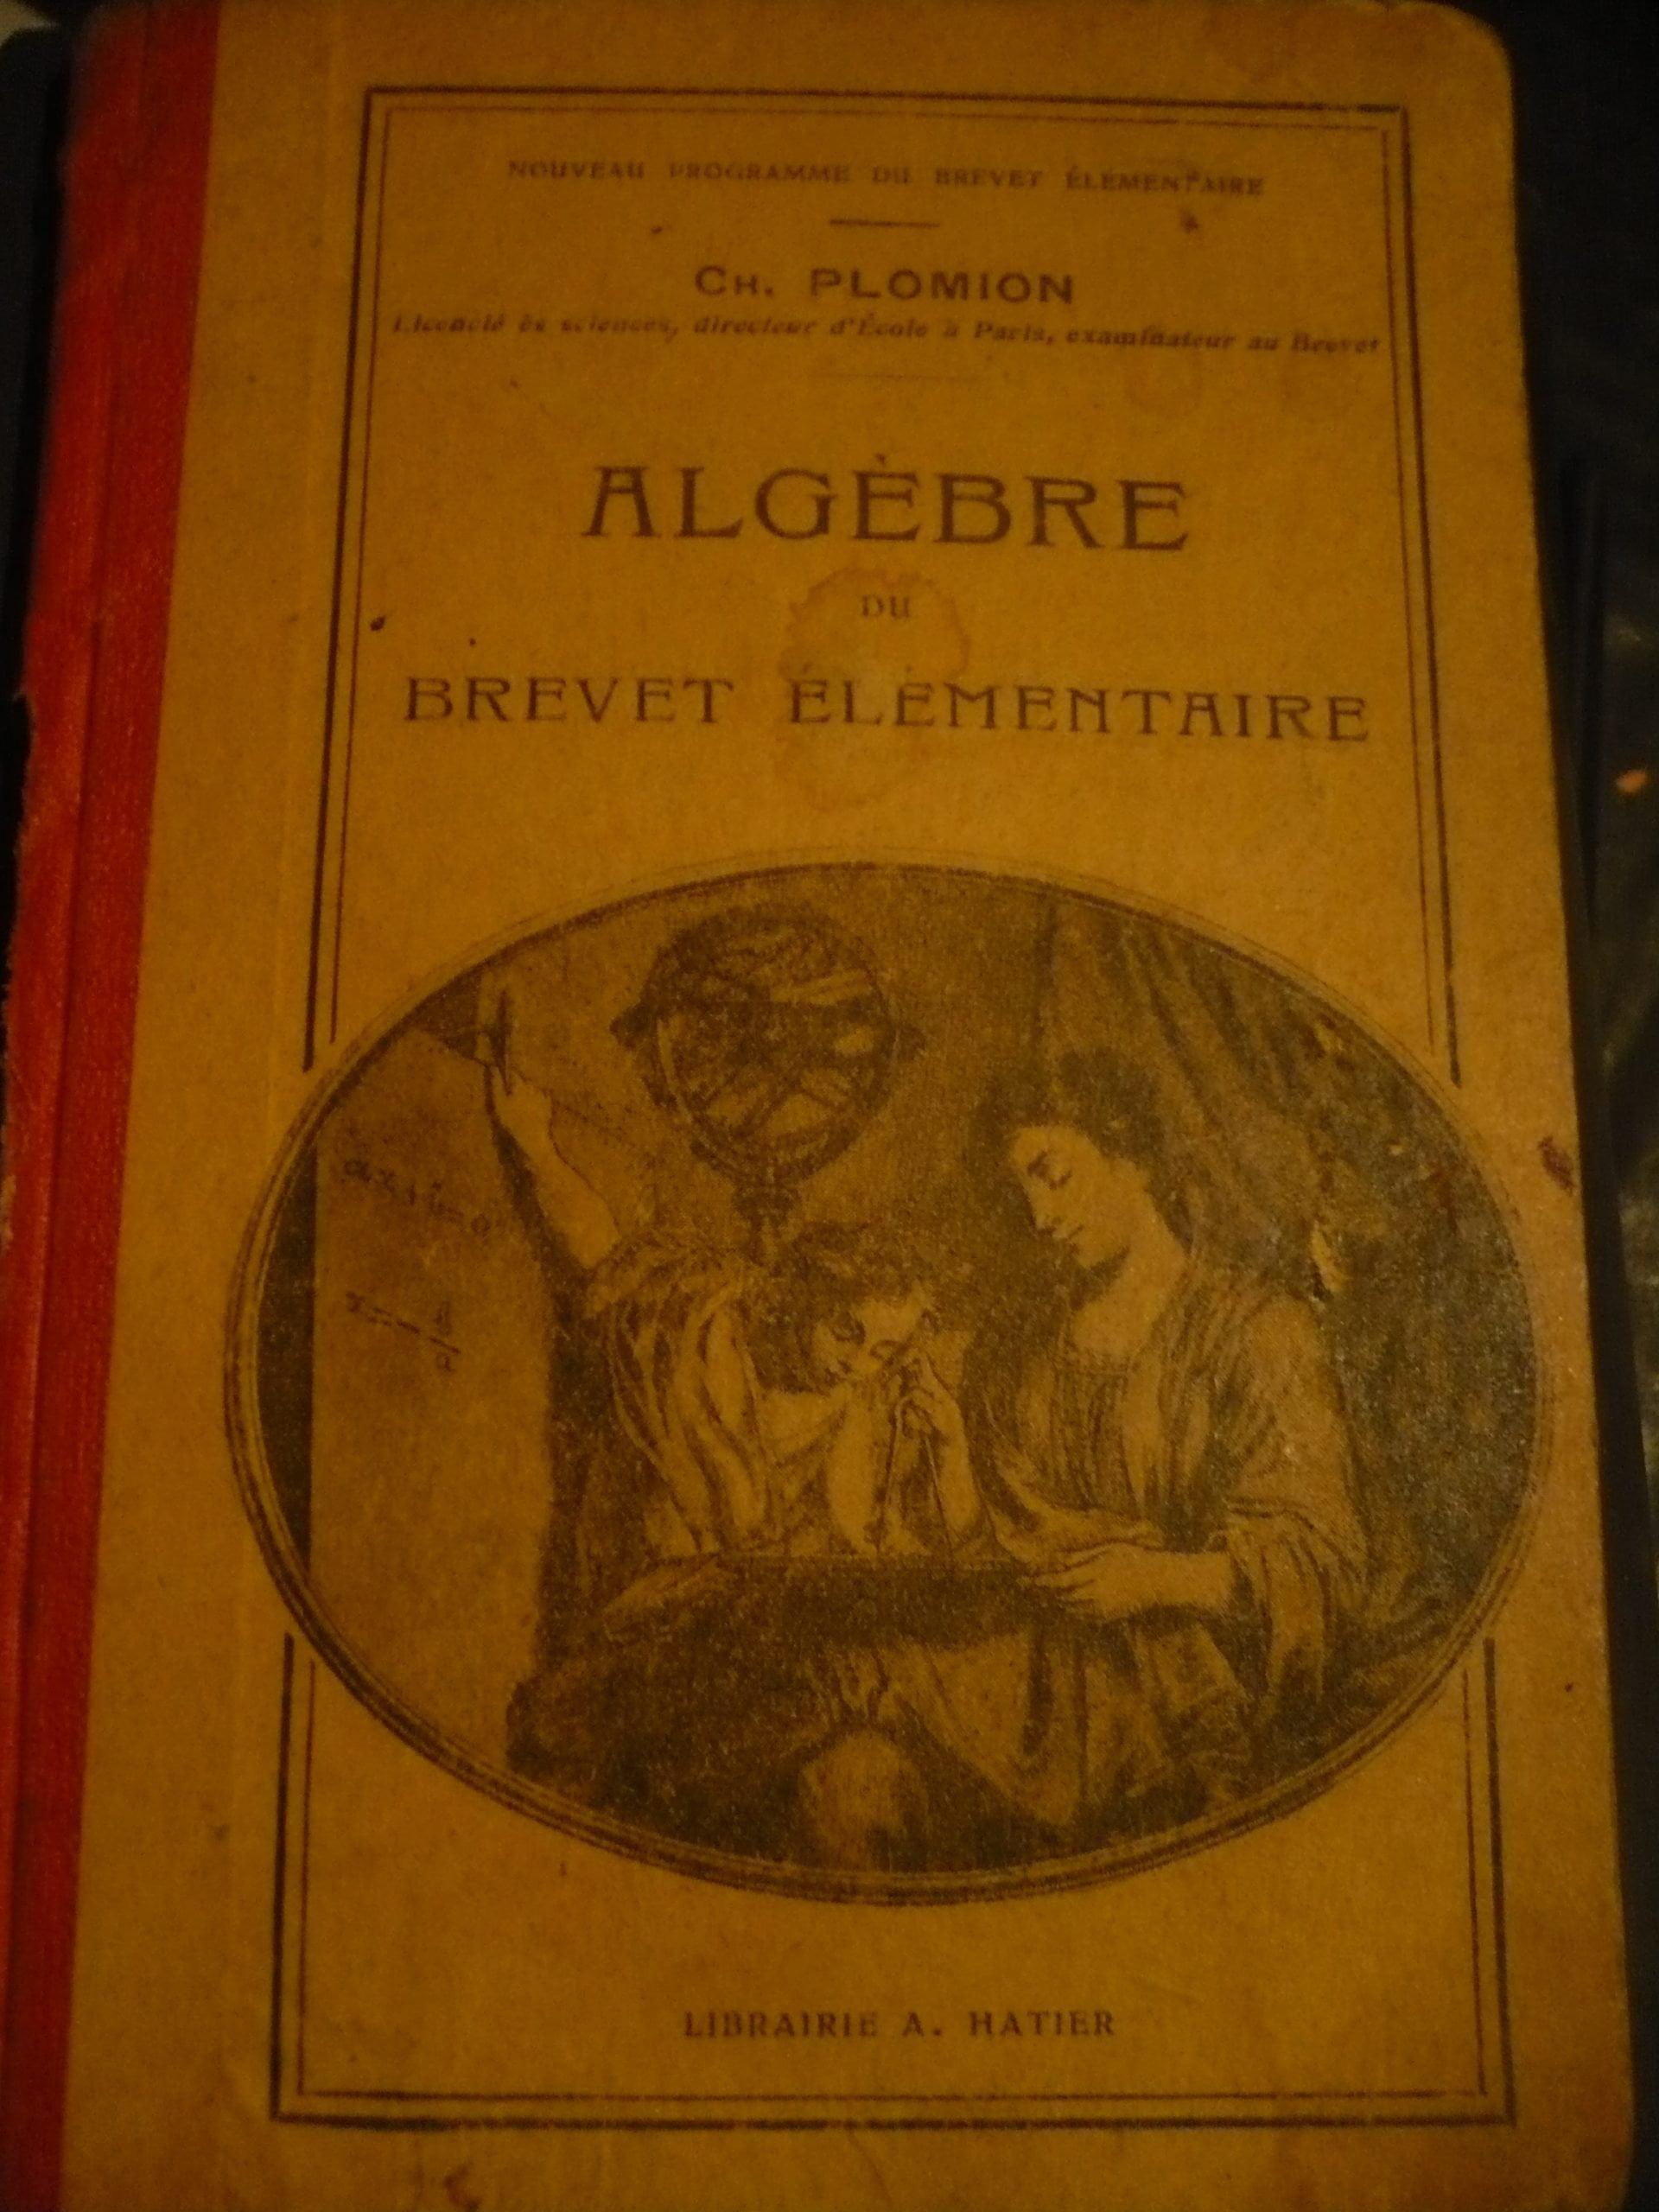 ALGEBRE Brevet elementaıre/Ch.PLOMION/50 TL